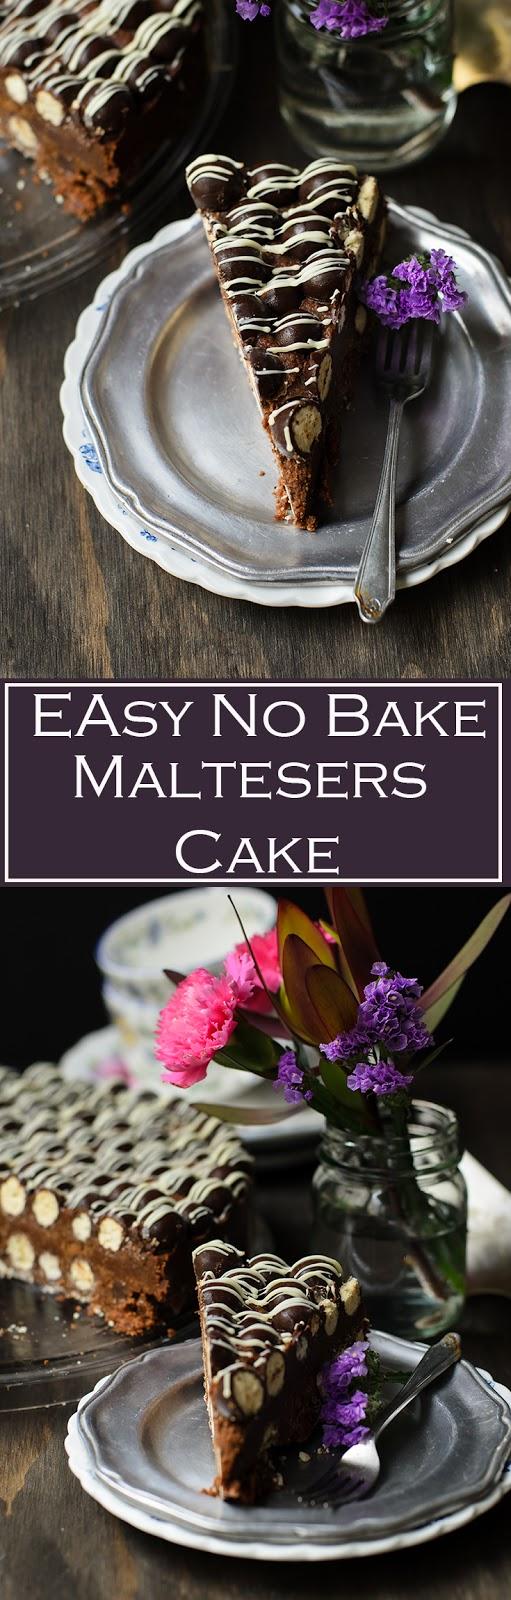 dark chocolate maltesers Cake